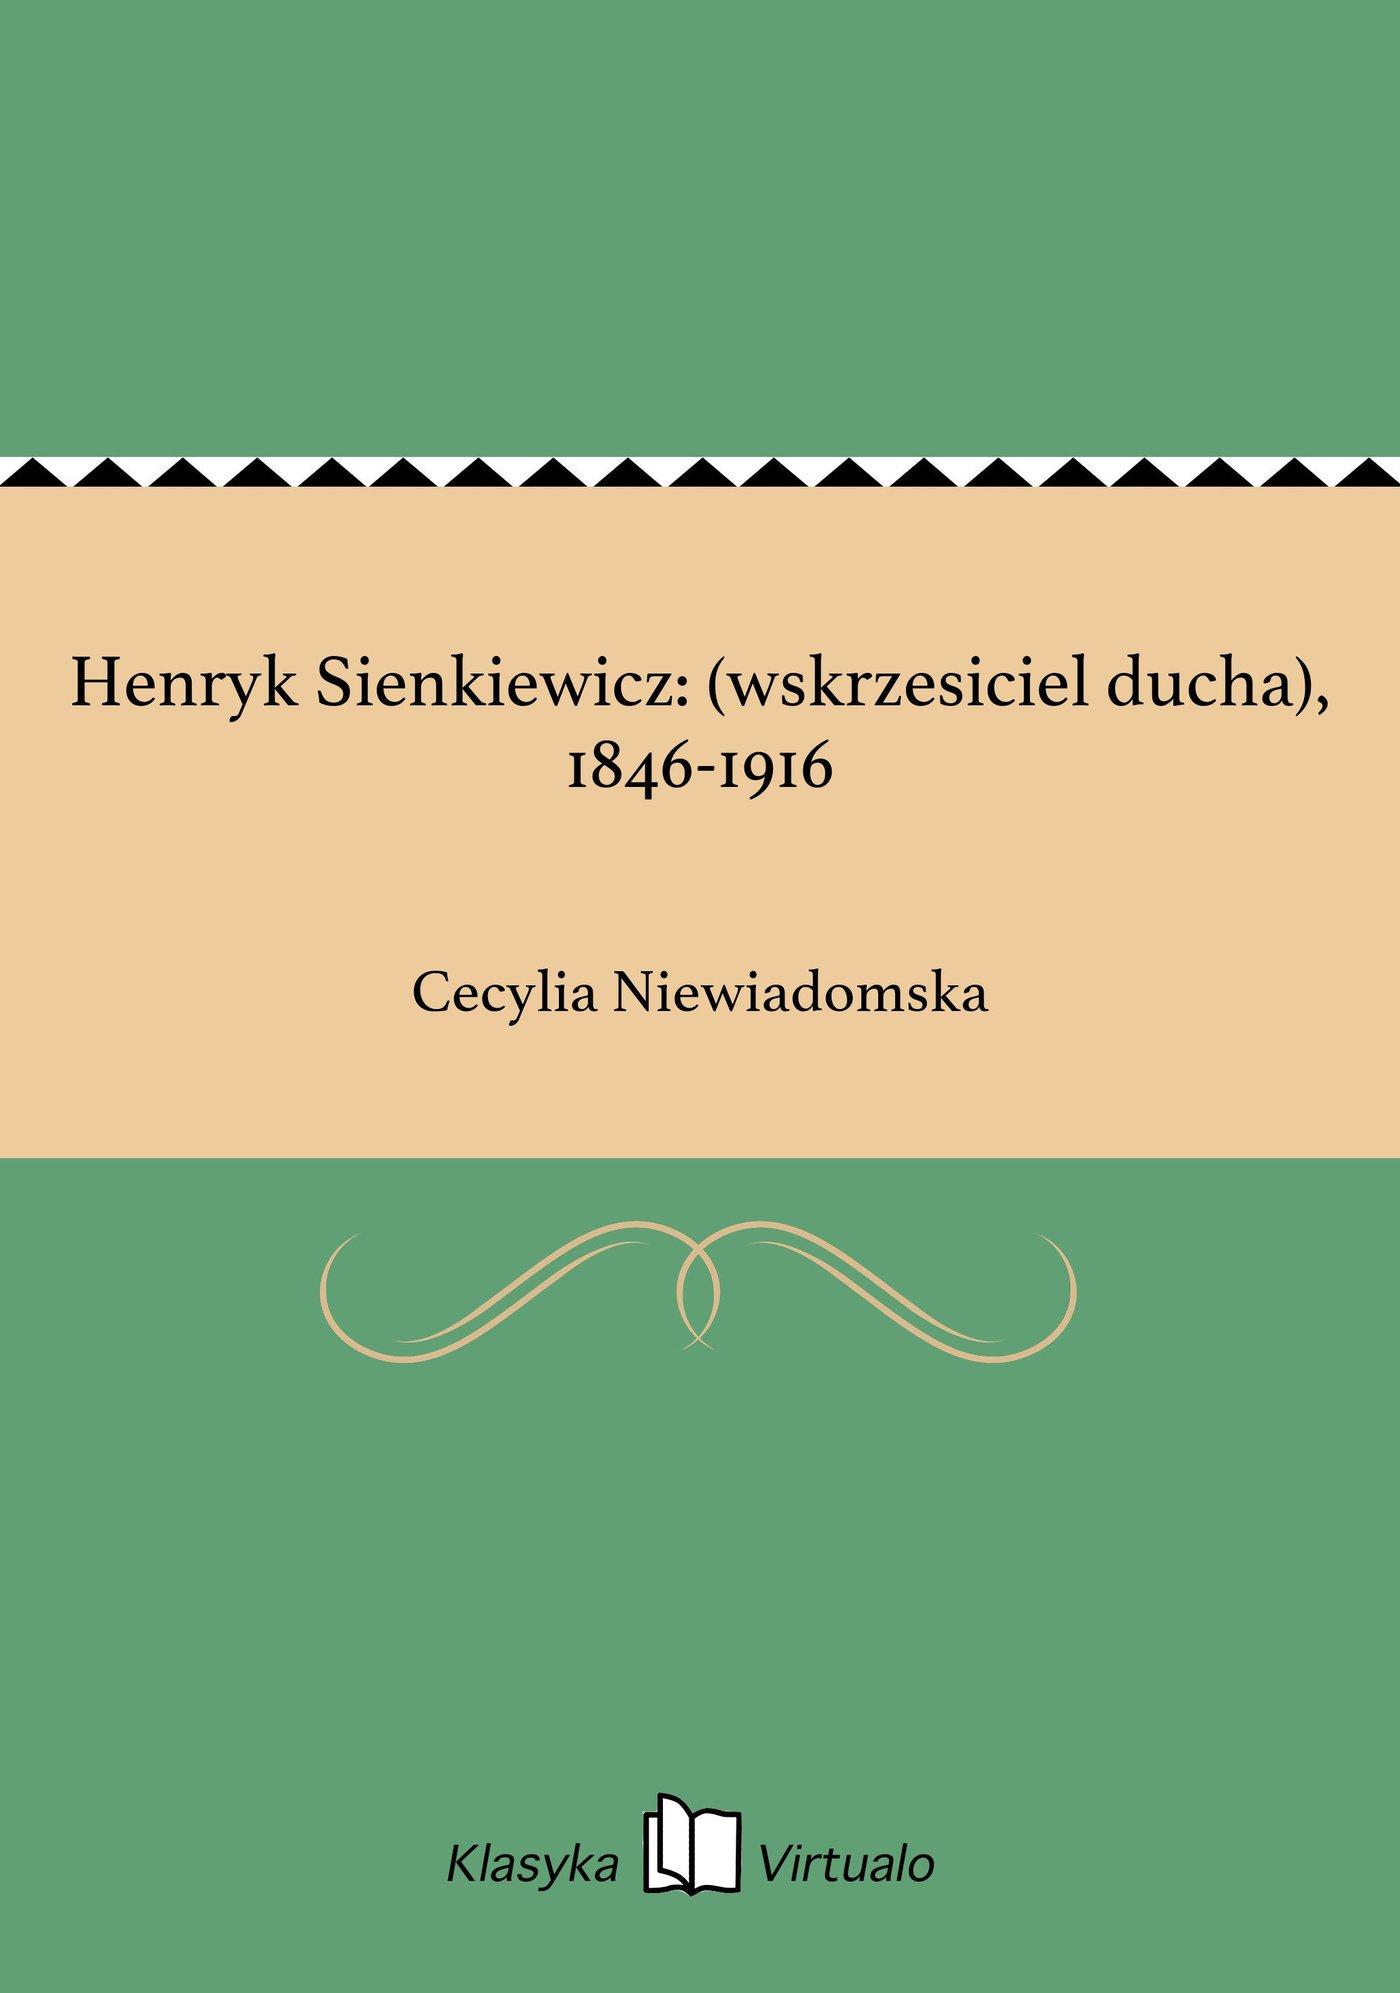 Henryk Sienkiewicz: (wskrzesiciel ducha), 1846-1916 - Ebook (Książka EPUB) do pobrania w formacie EPUB